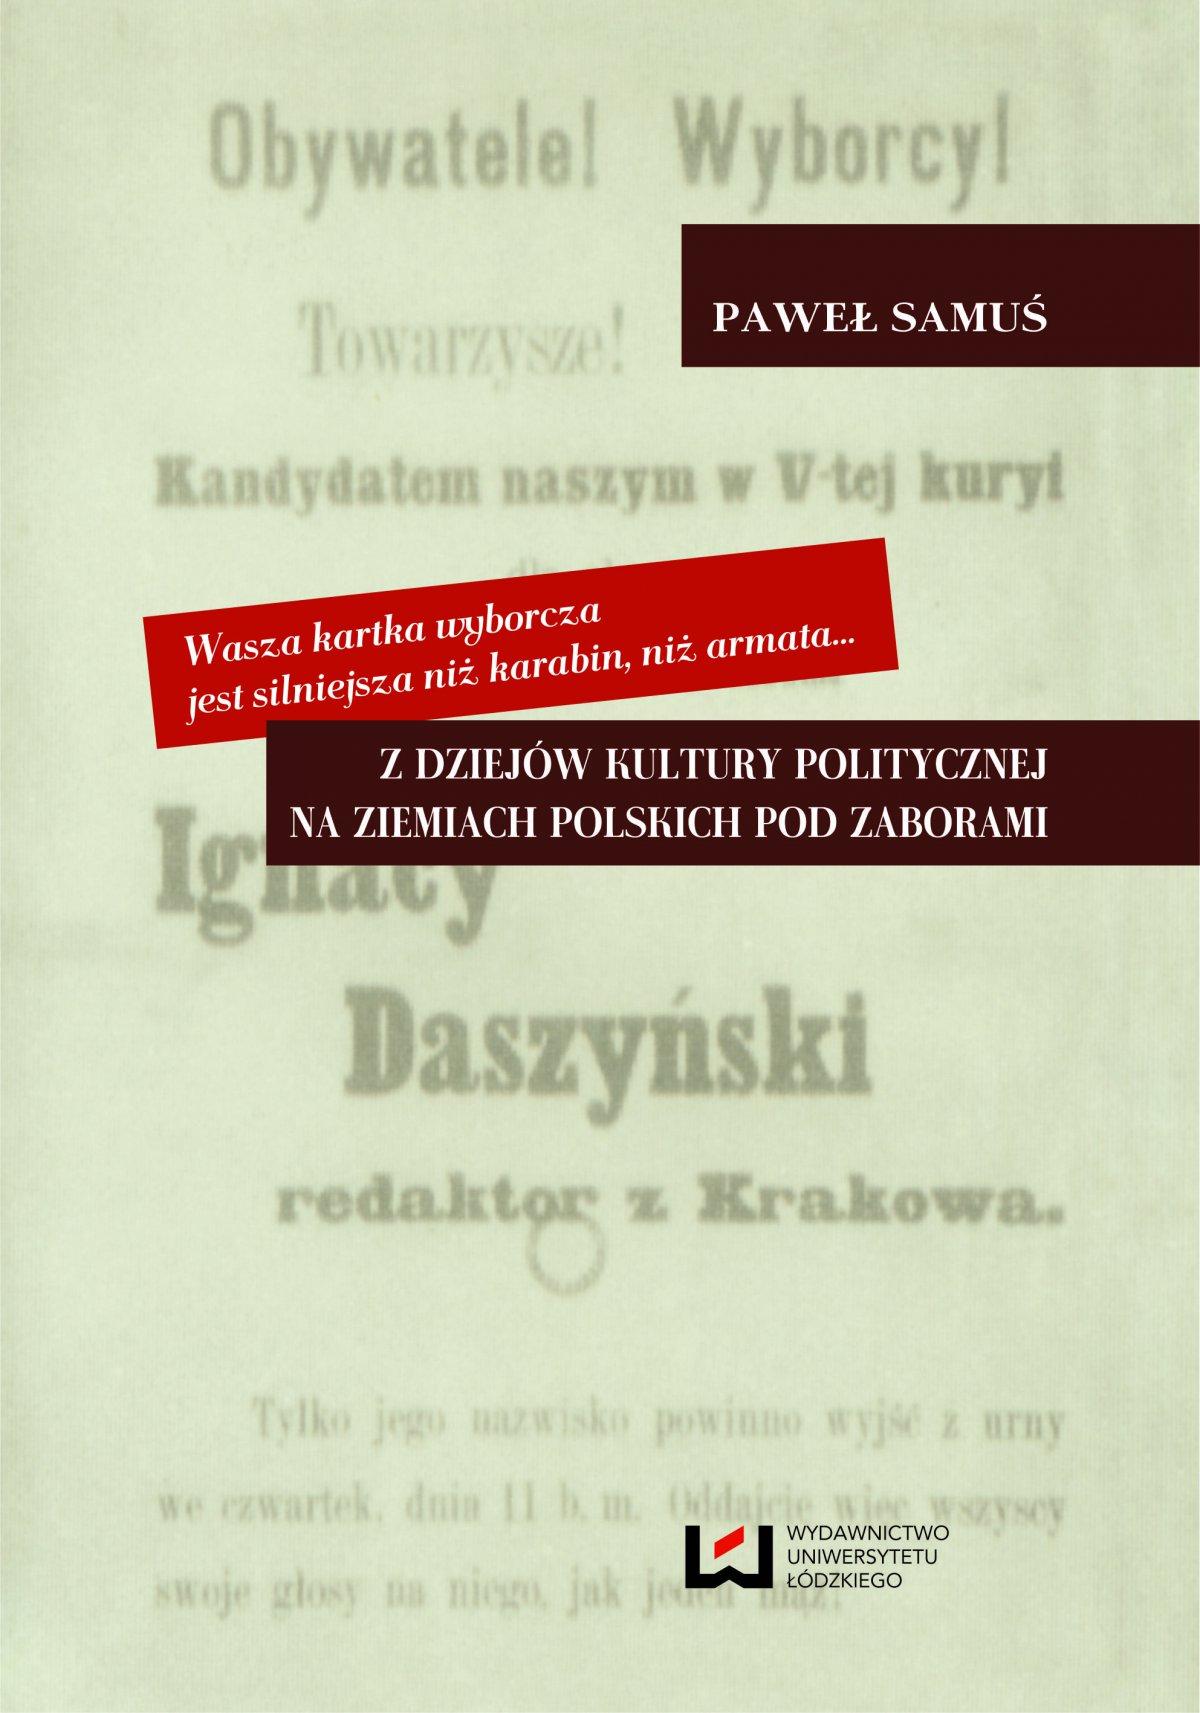 Wasza kartka wyborcza jest silniejsza niż karabin, niż armata... Z dziejów kultury politycznej na ziemiach polskich pod zaborami - Ebook (Książka na Kindle) do pobrania w formacie MOBI